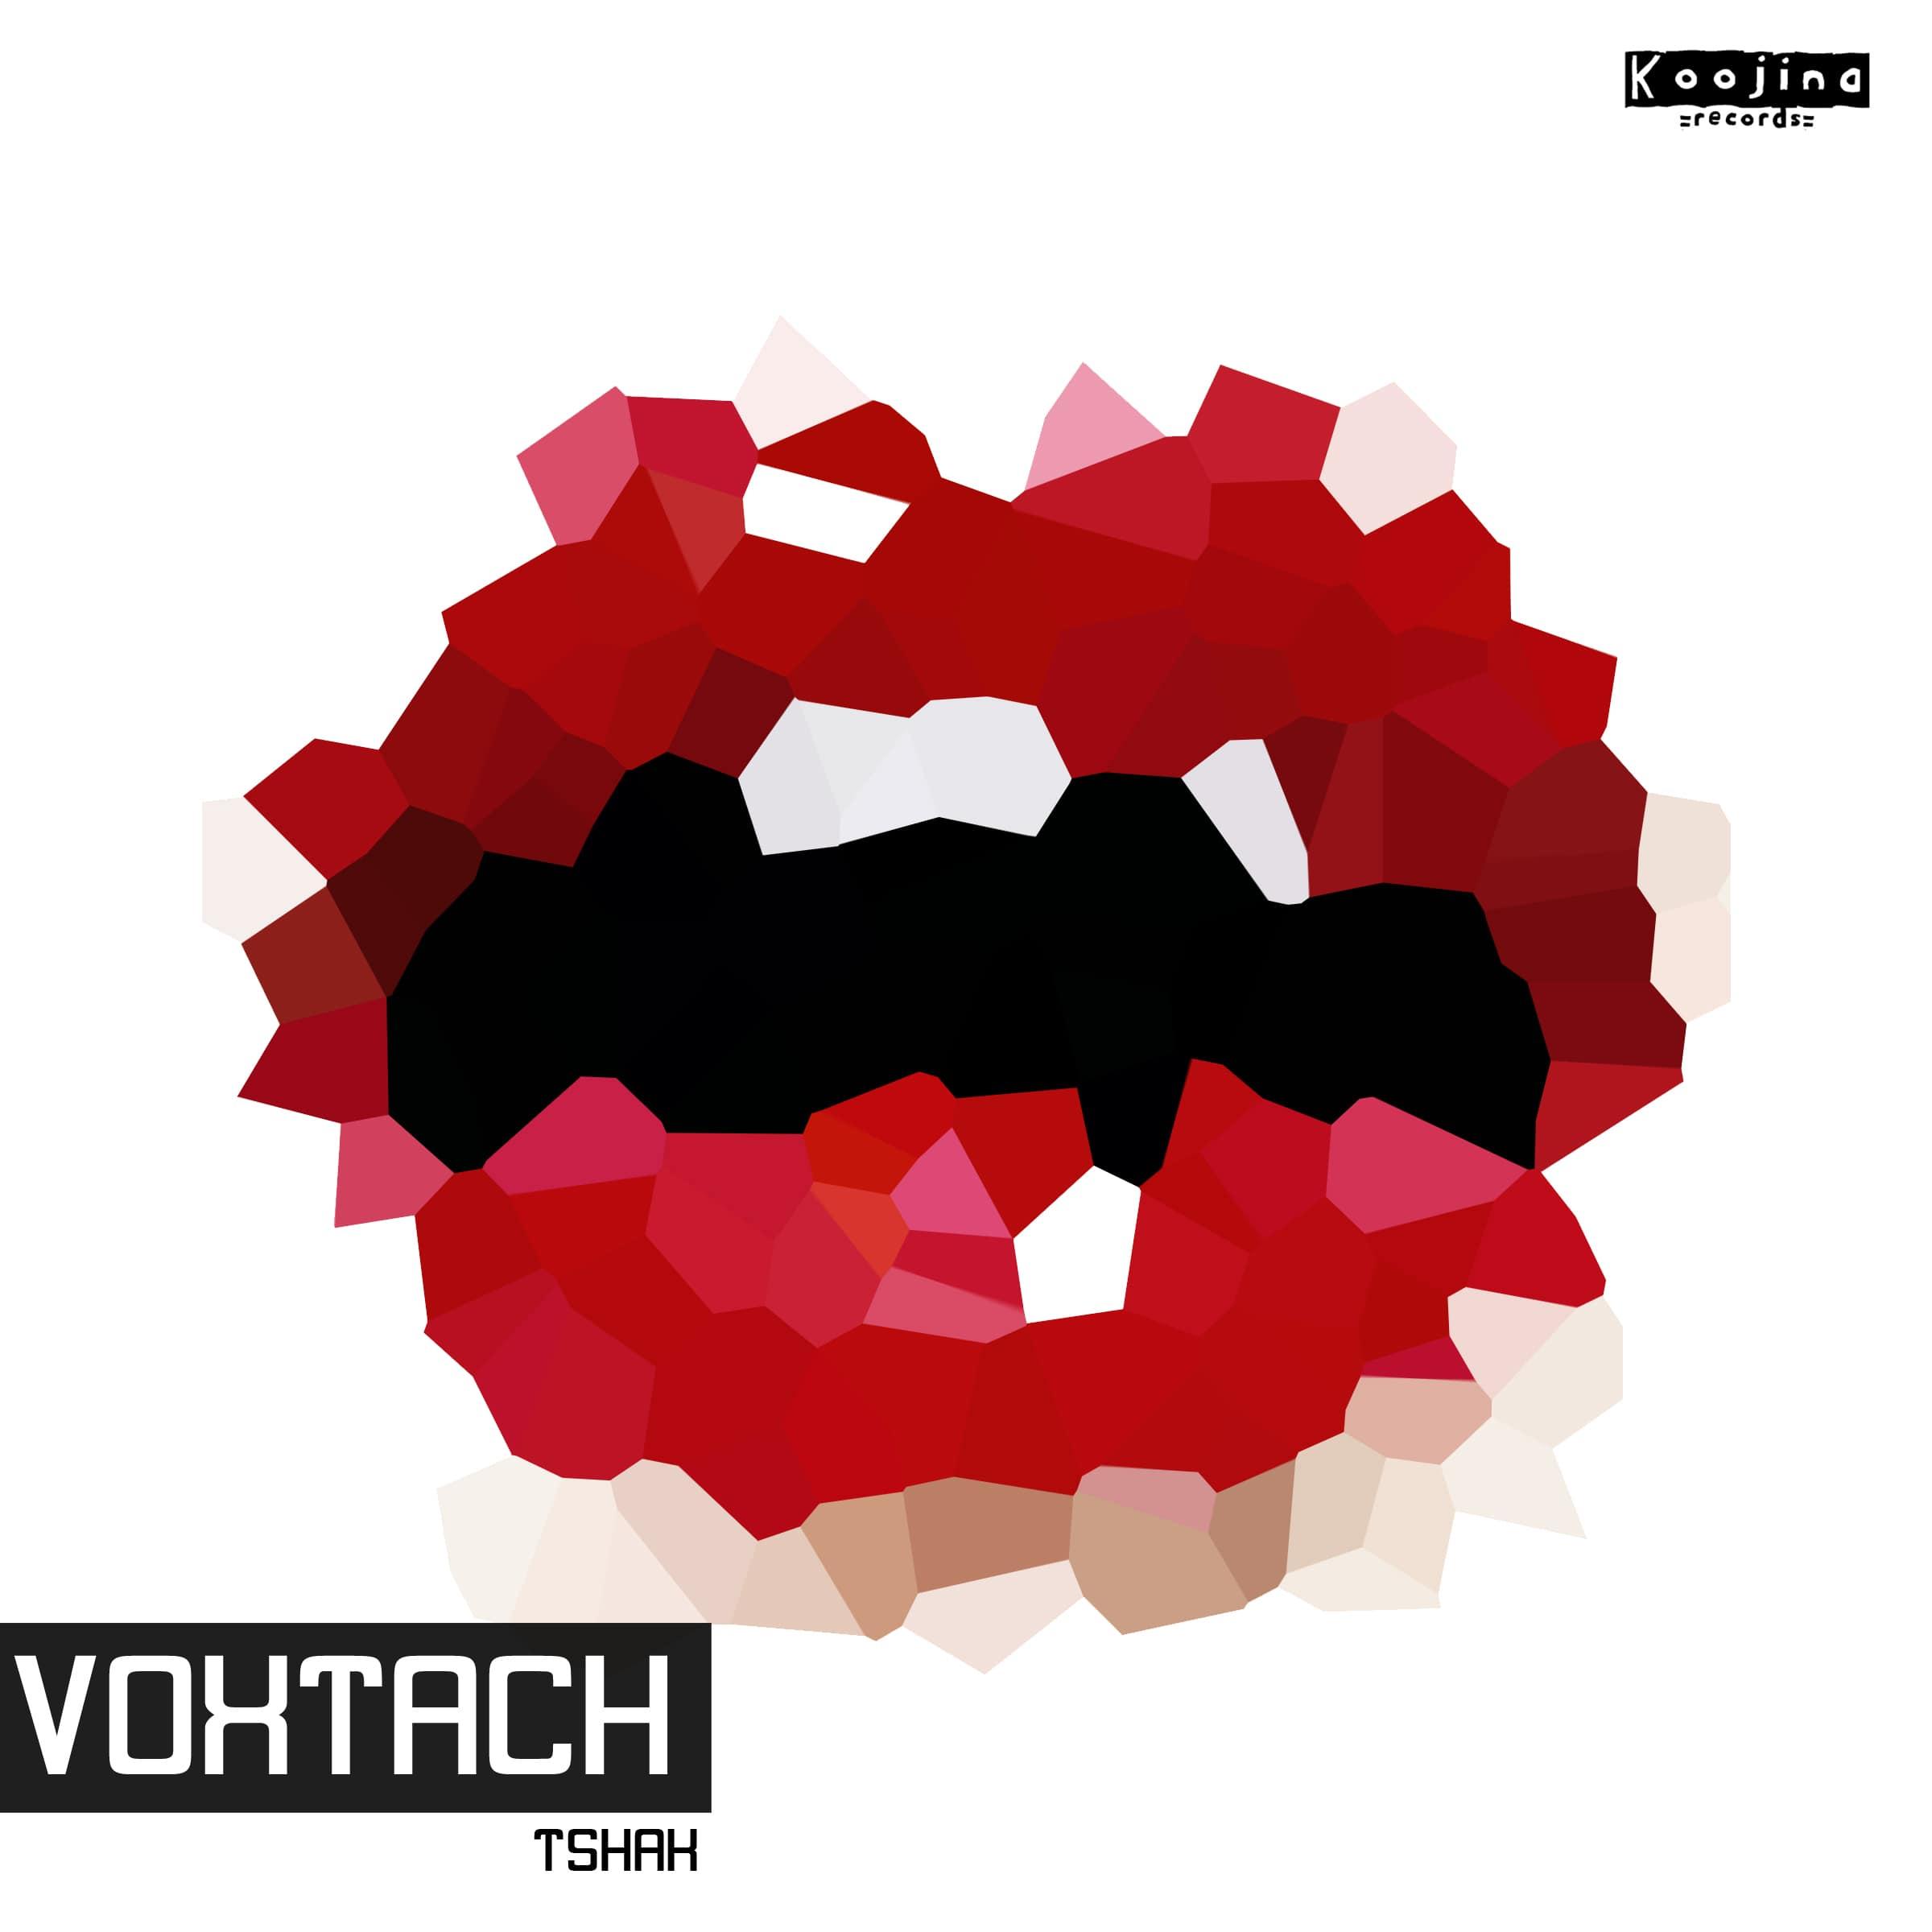 voxtach